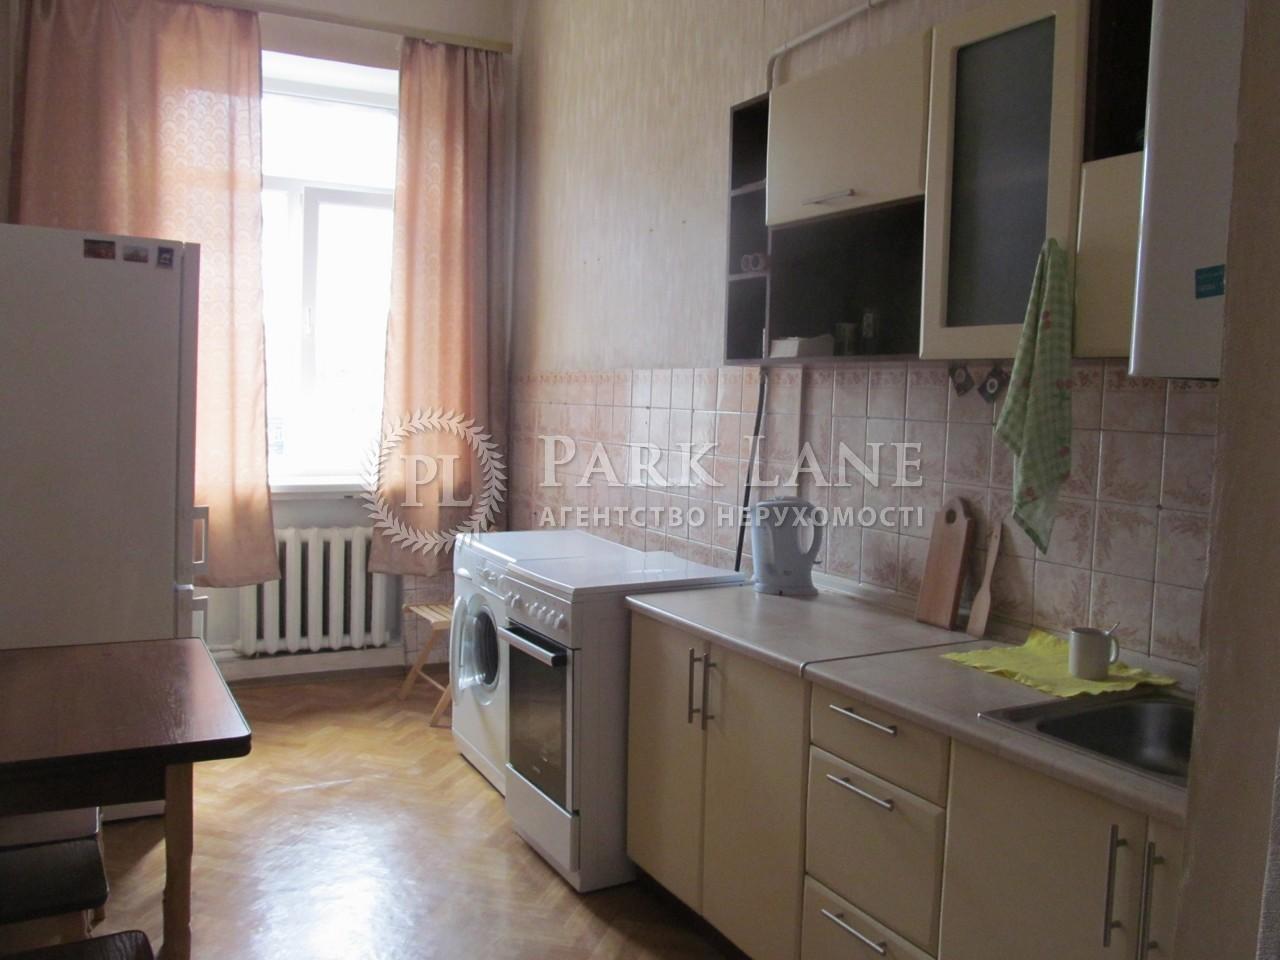 Квартира вул. Велика Васильківська, 36, Київ, A-91256 - Фото 5